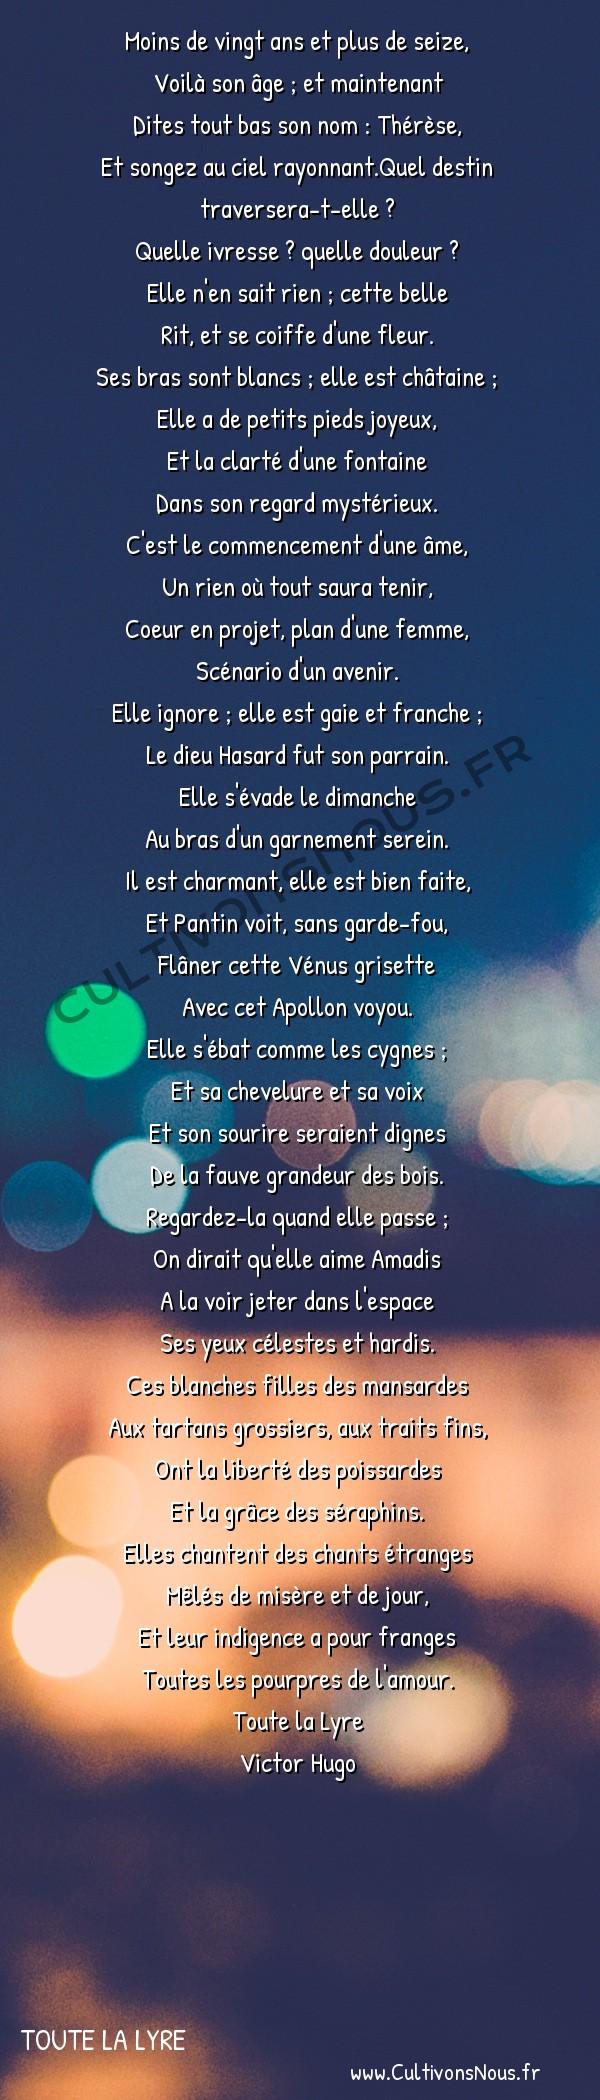 Poésie Victor Hugo - Toute la lyre - La Figliola -  Moins de vingt ans et plus de seize, Voilà son âge ; et maintenant